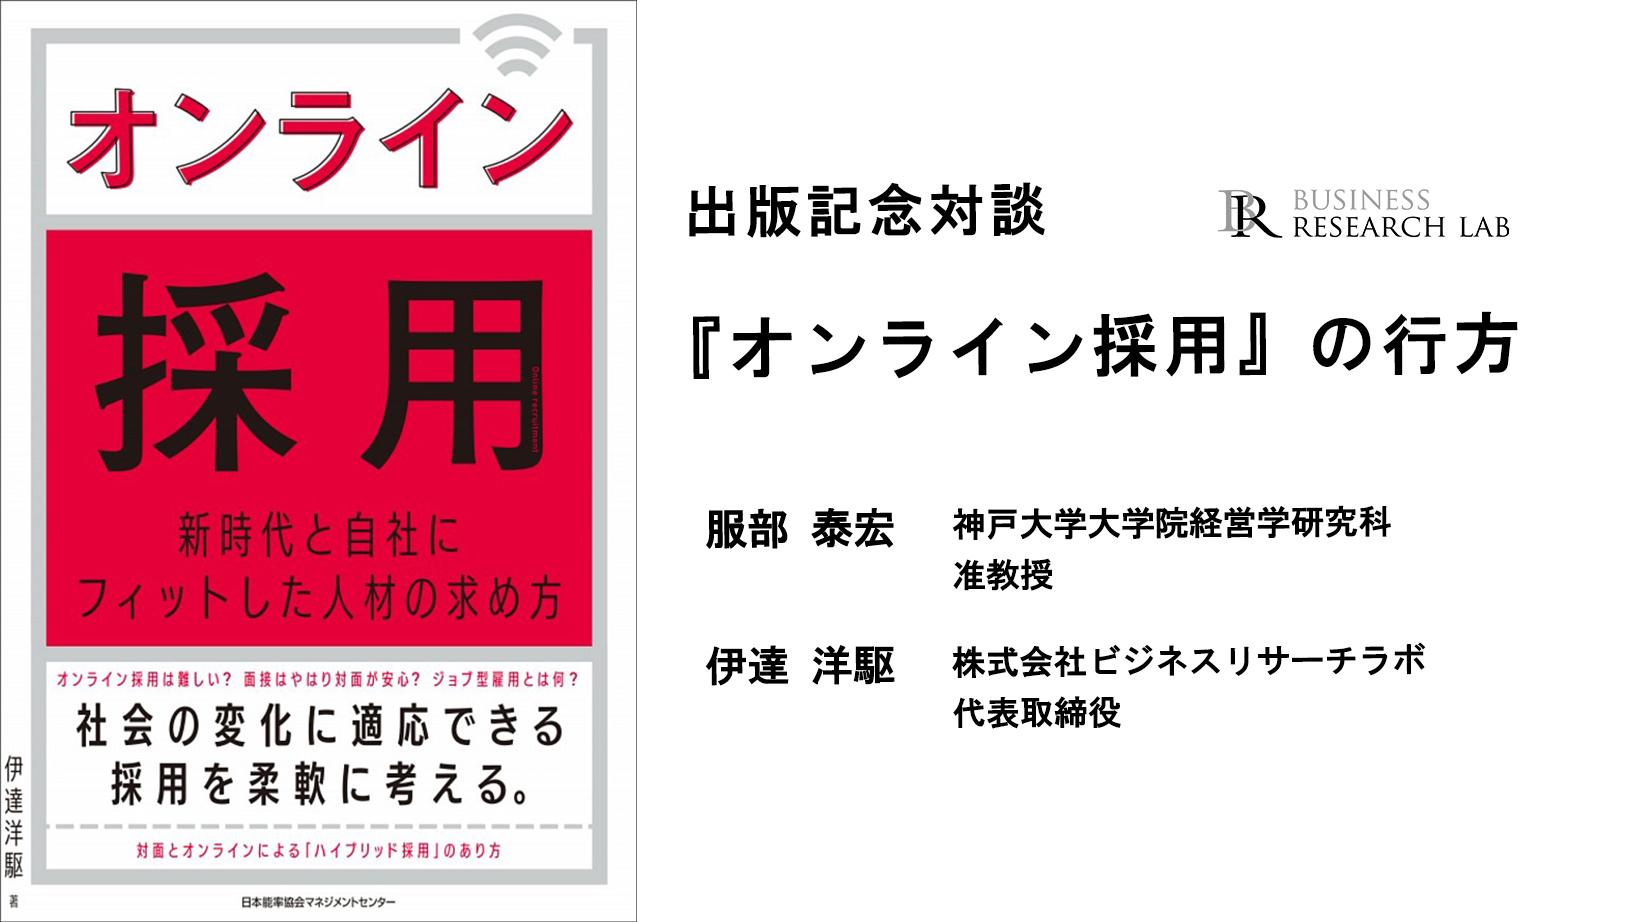 【出版記念対談】『オンライン採用』の行方:伊達×服部泰宏(神戸大学大学院)を開催します